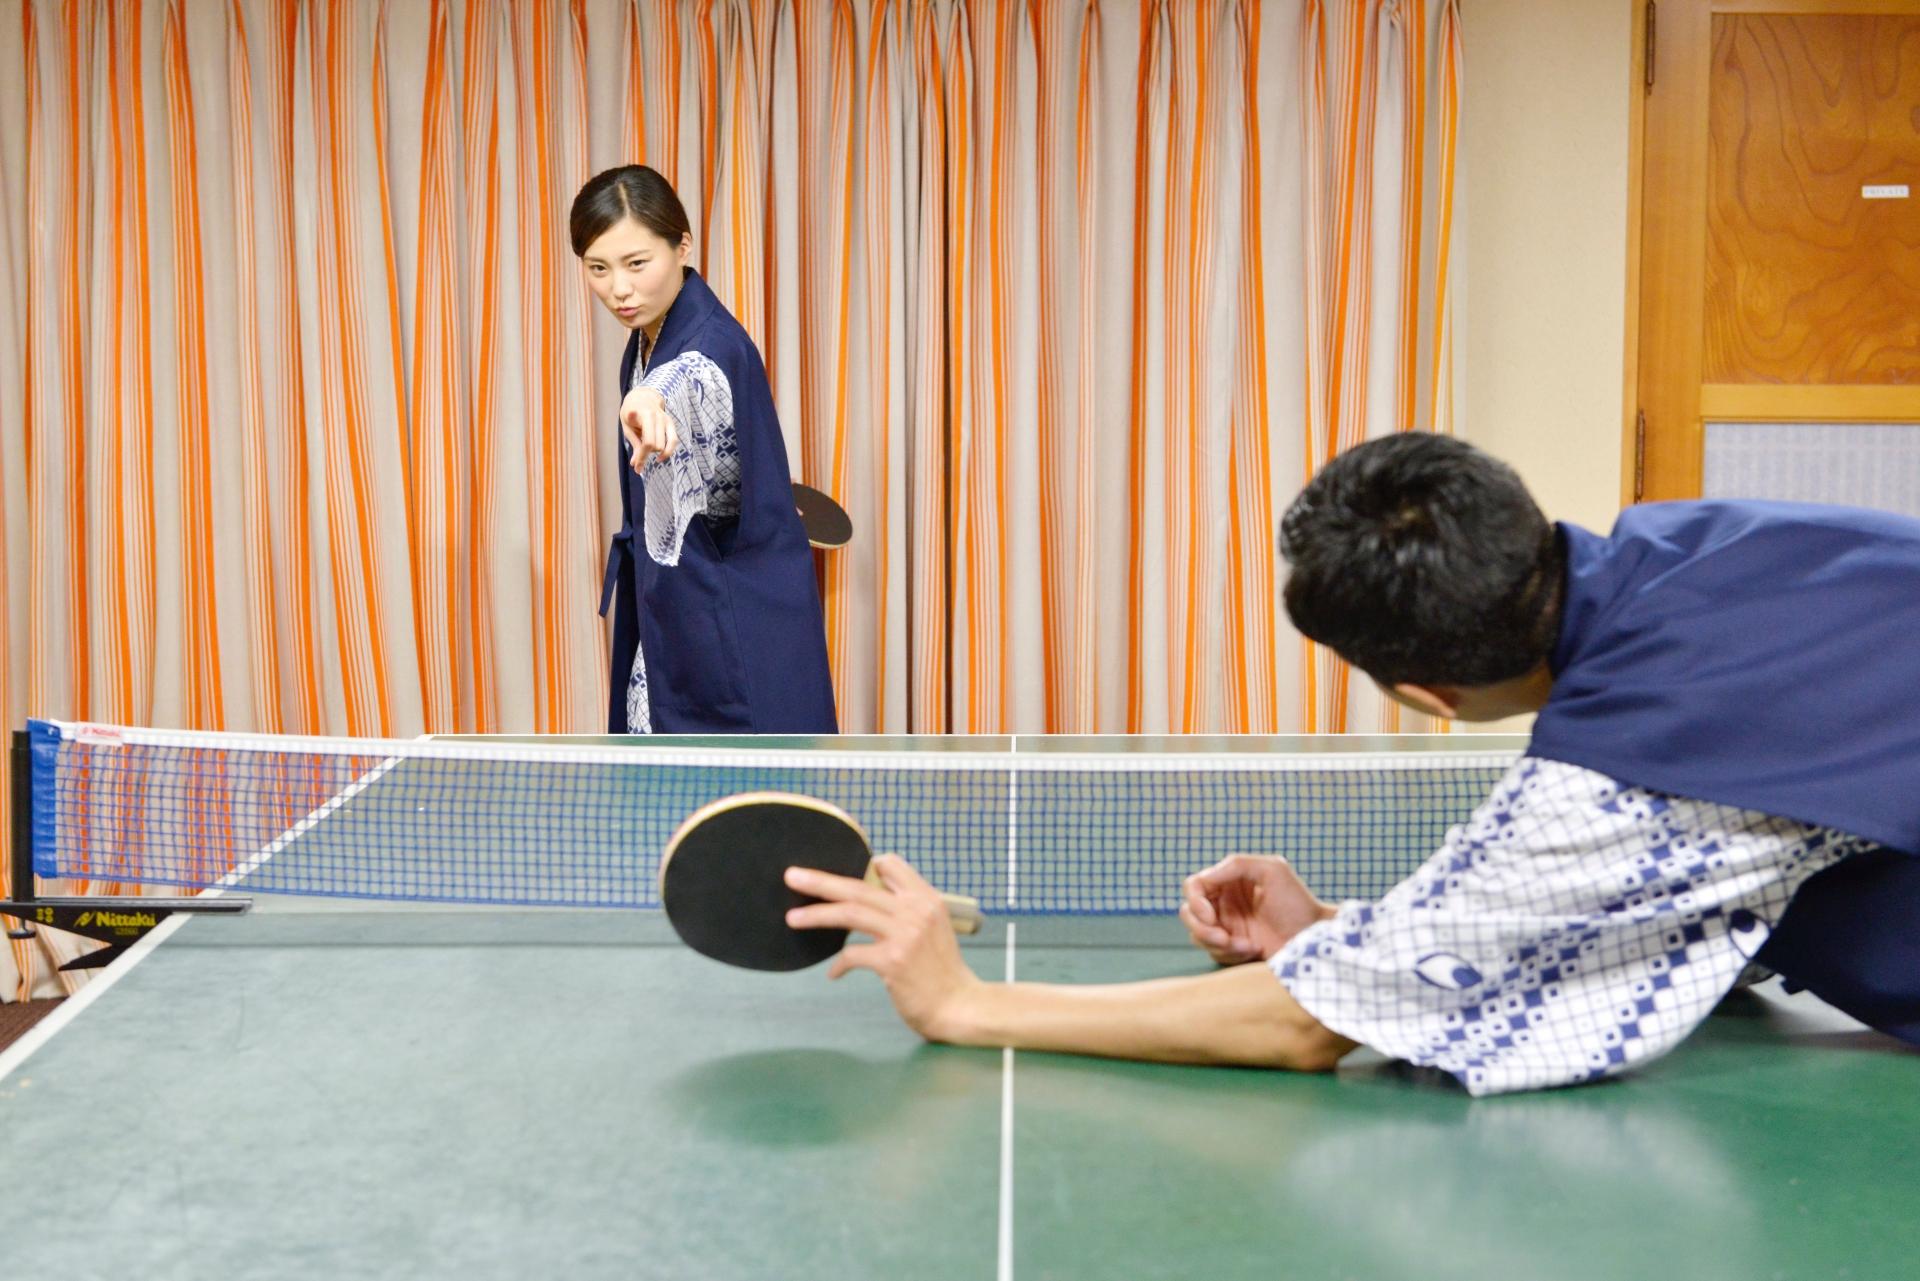 卓球のカットマンが上達するコツとは?練習方法やポイント